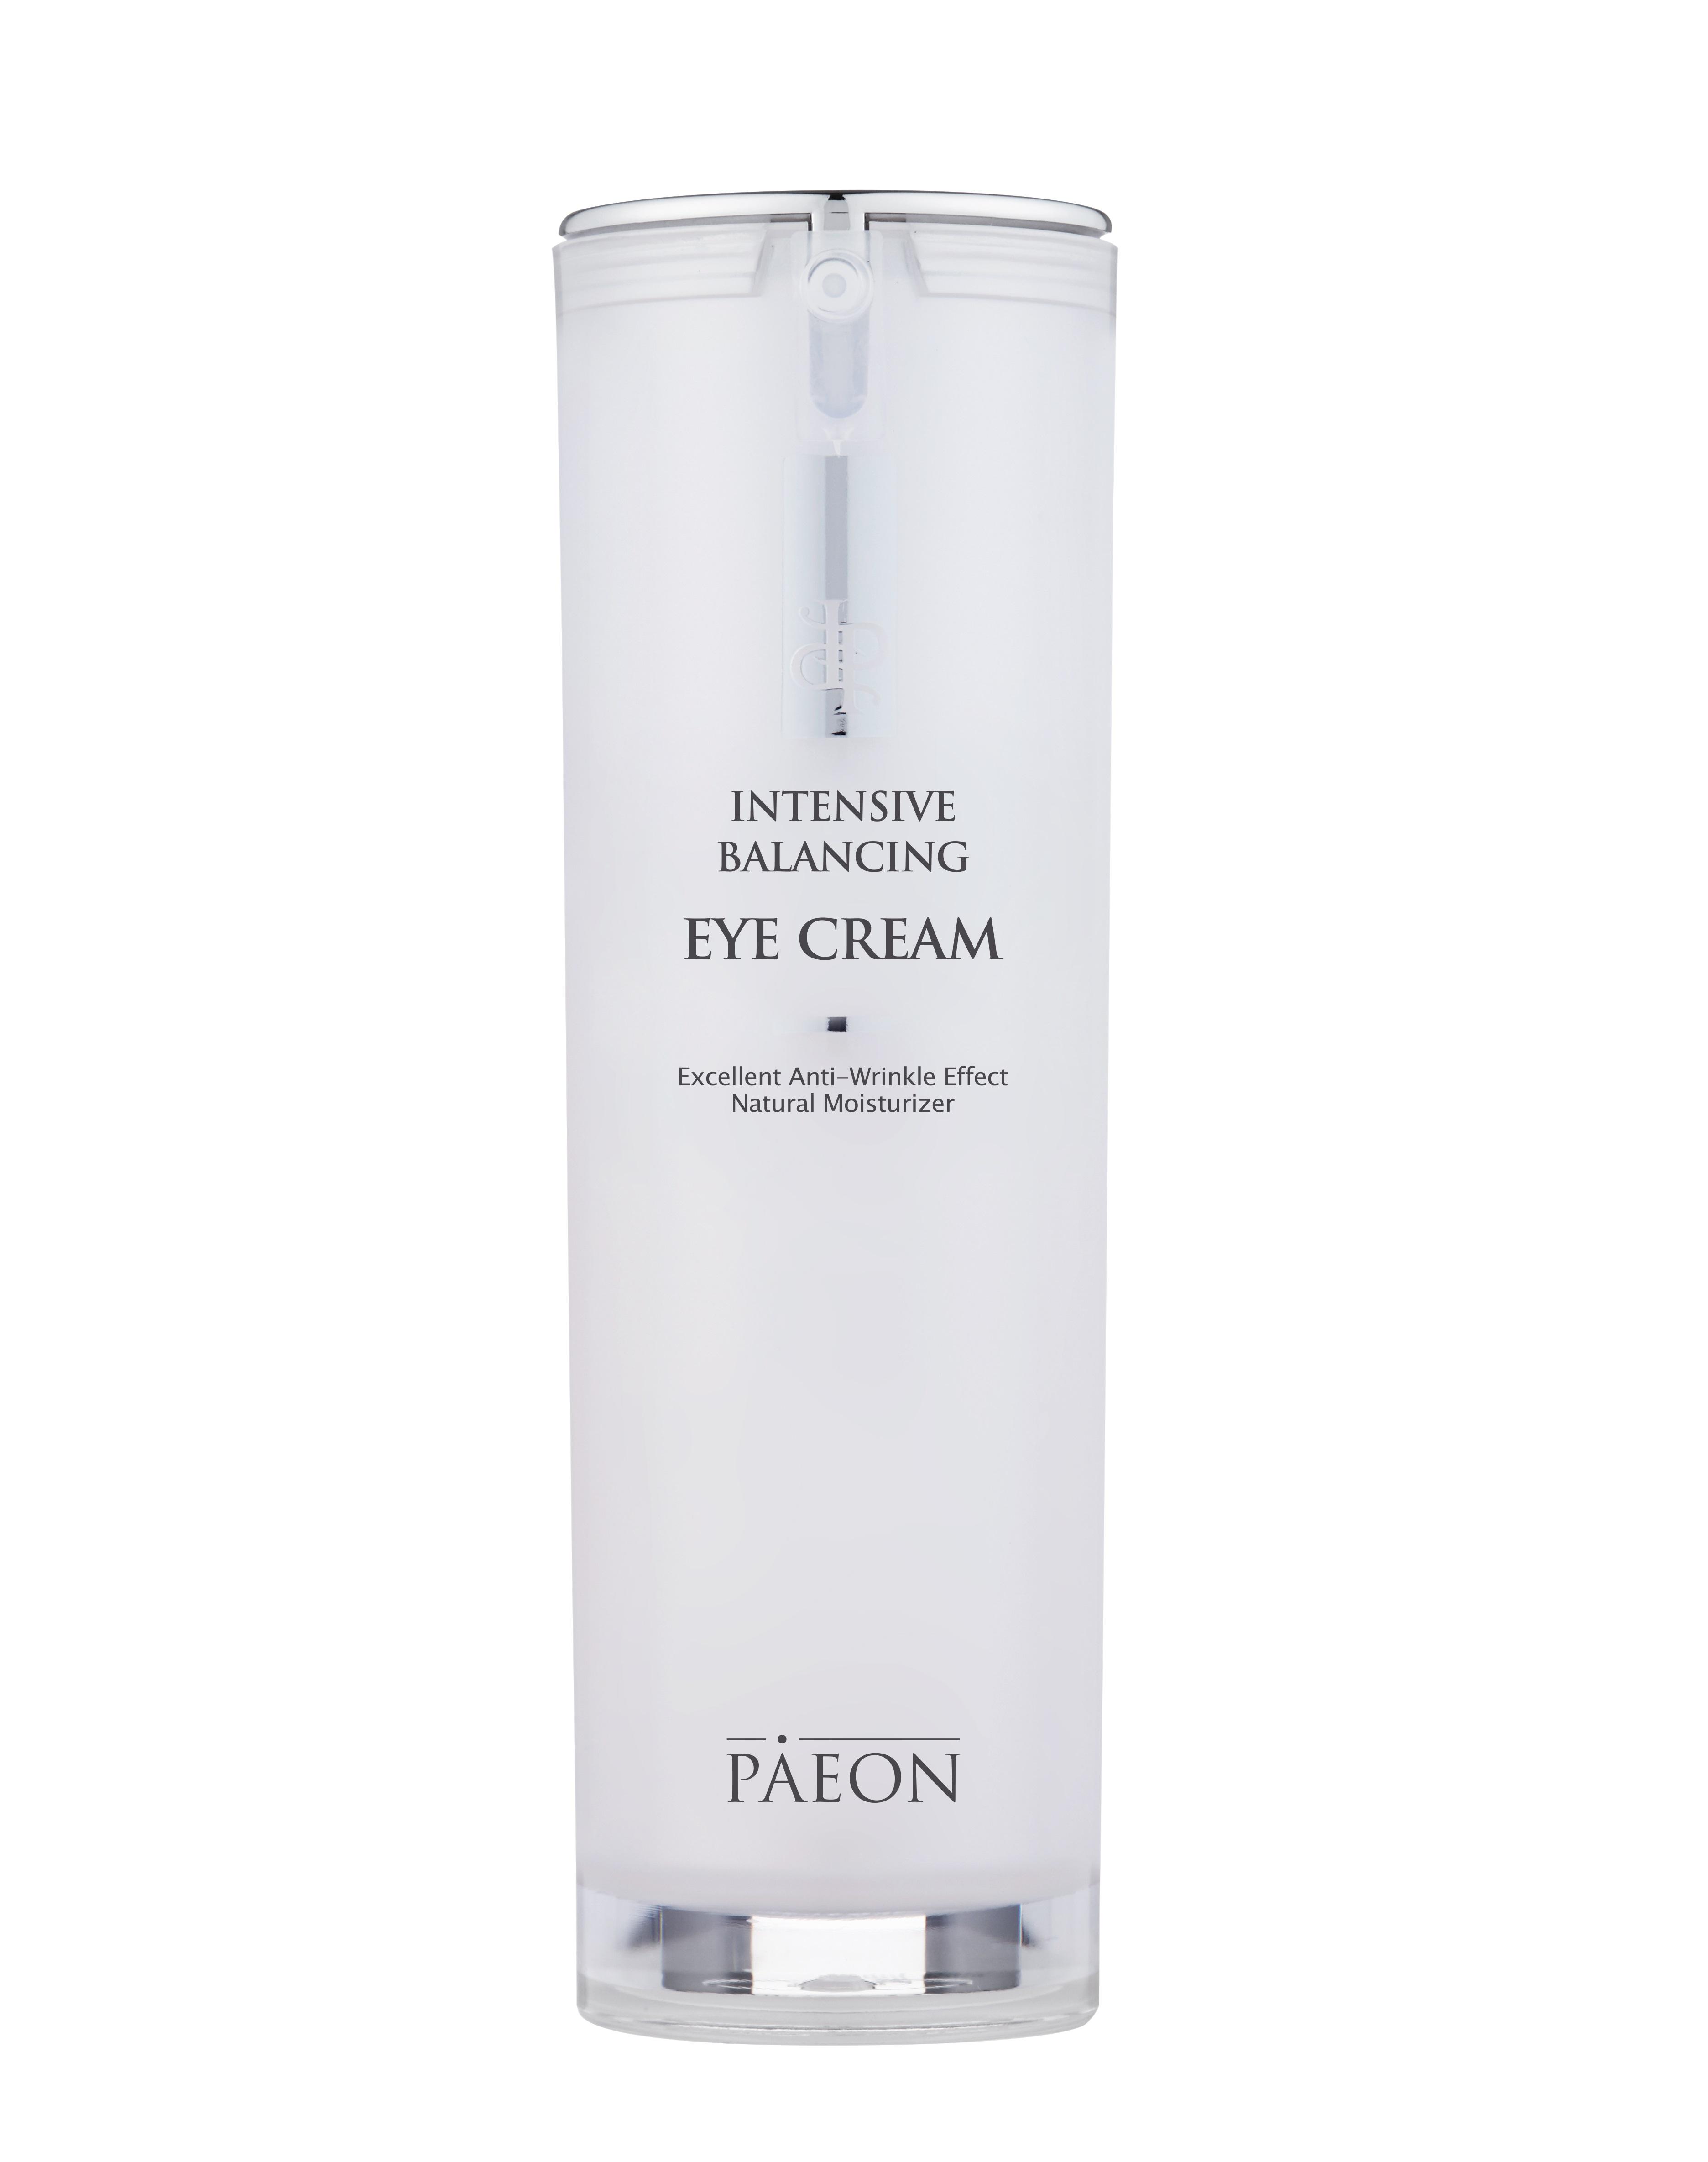 PAEON Крем омолаживающий для глаз, восстановление PH-баланса / INTENSIVE BALANCING EYE CREAM 30 мл